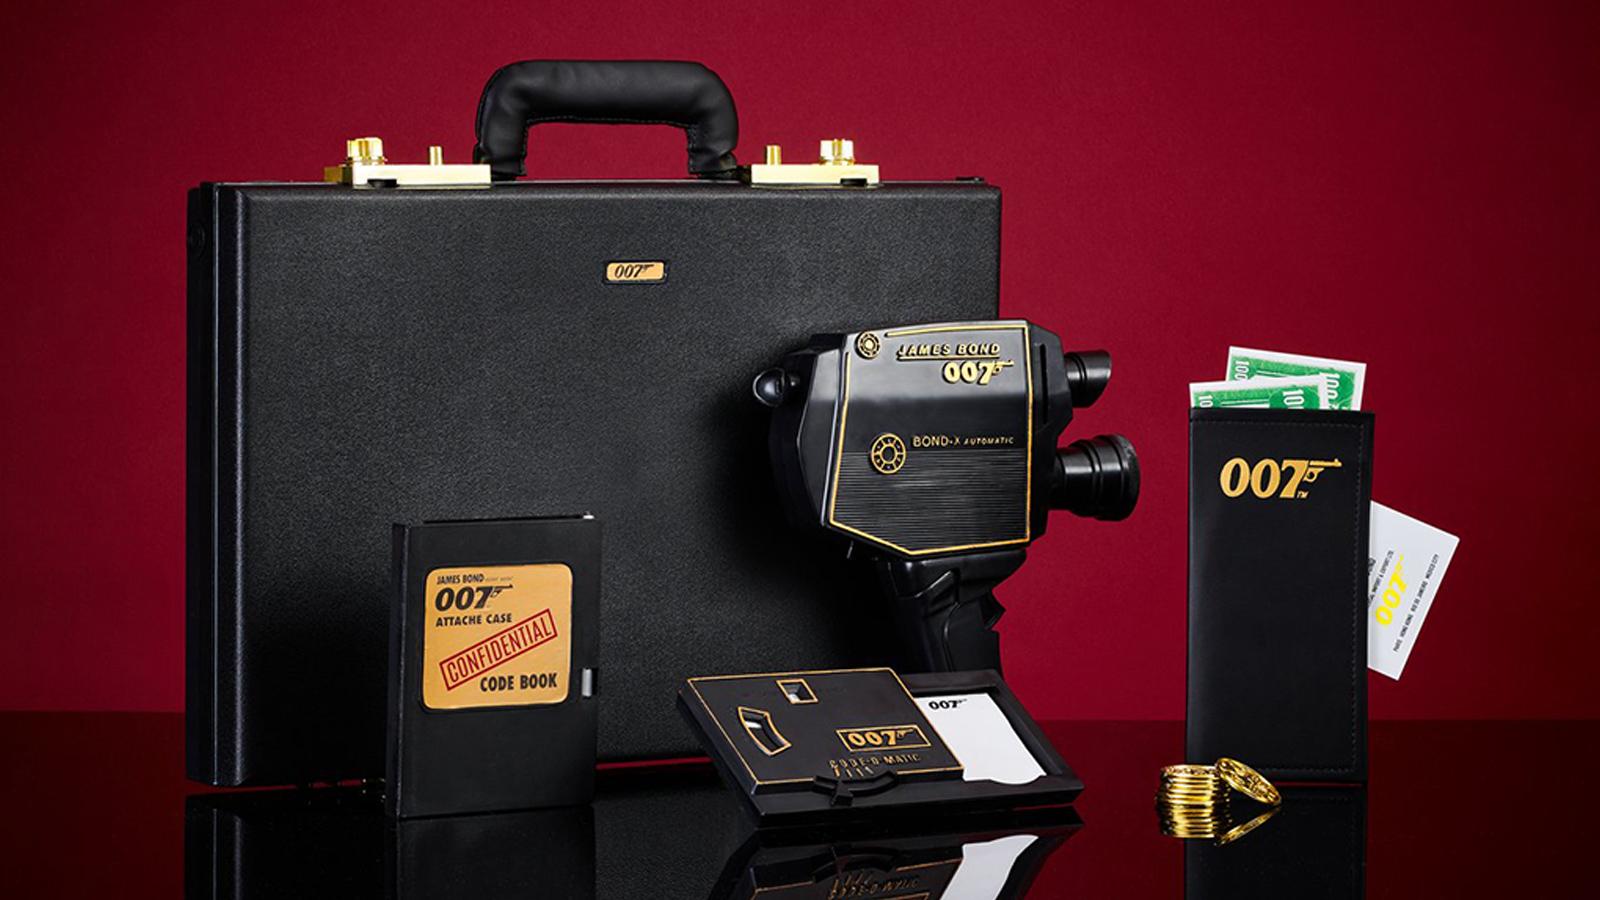 James Bond 007 Secret Agent Attache Case